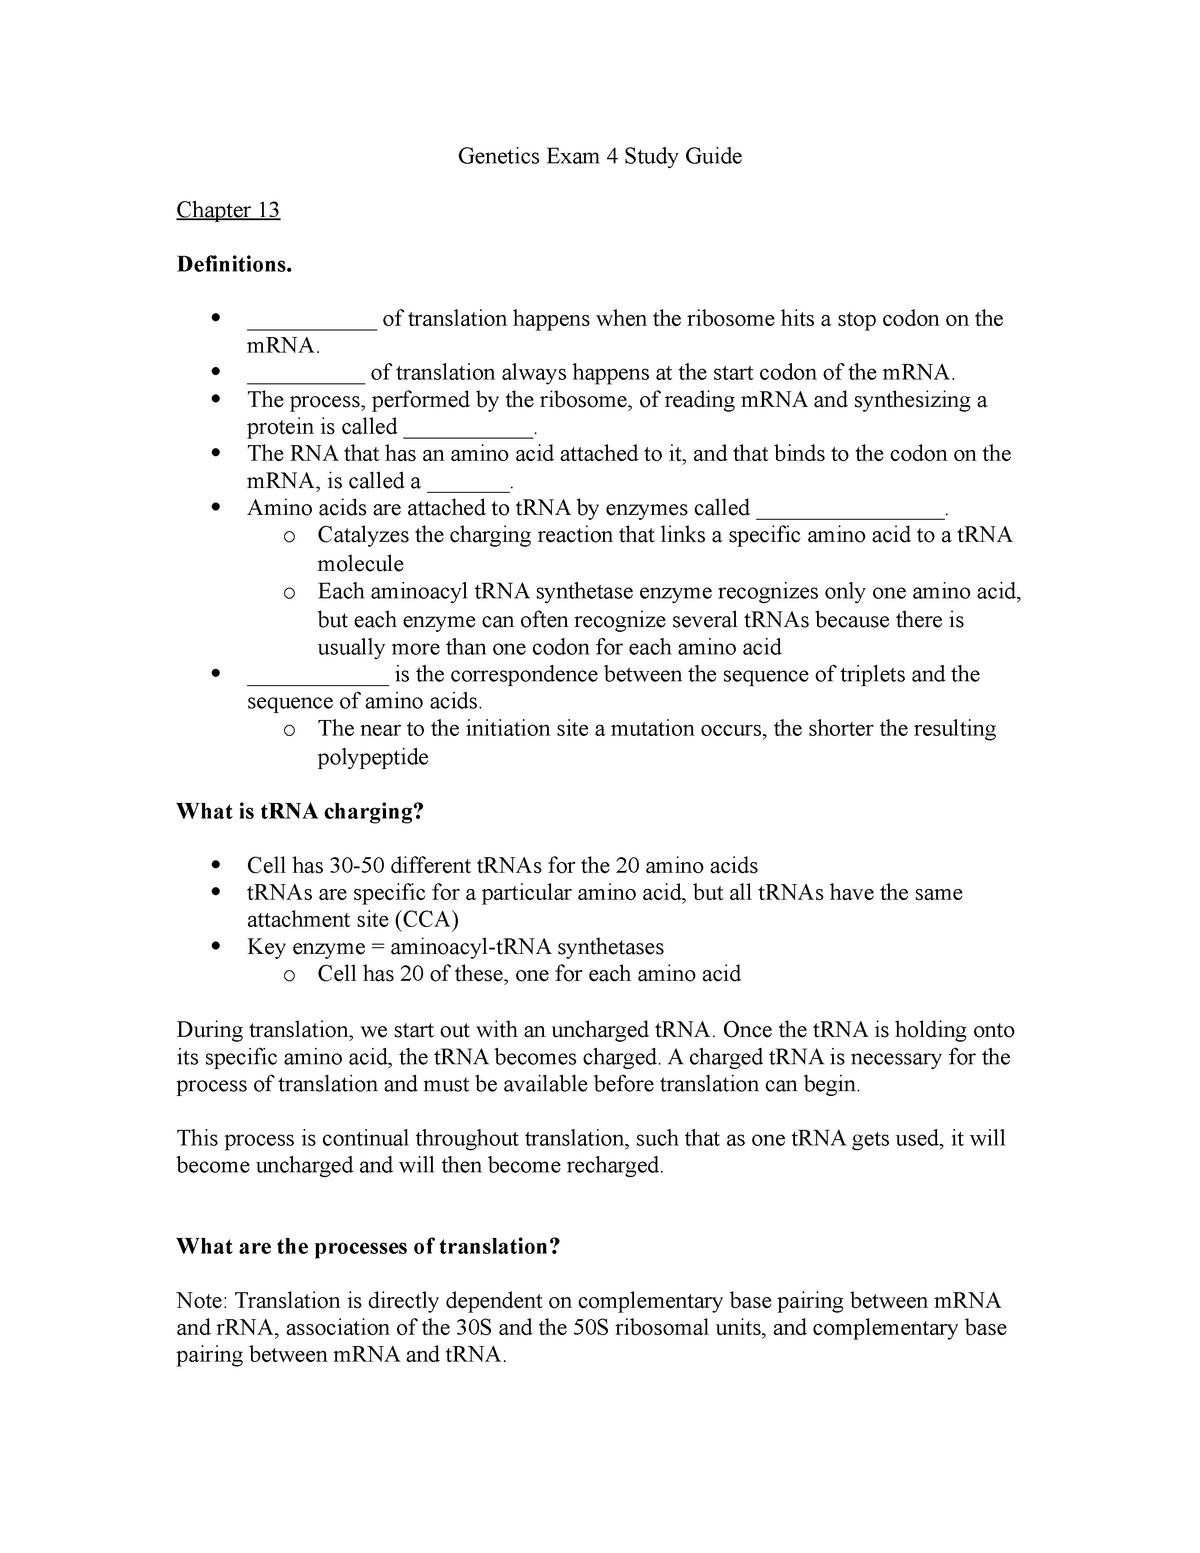 Genetics Exam 4 Study Guide - GEN 300 - StuDocu